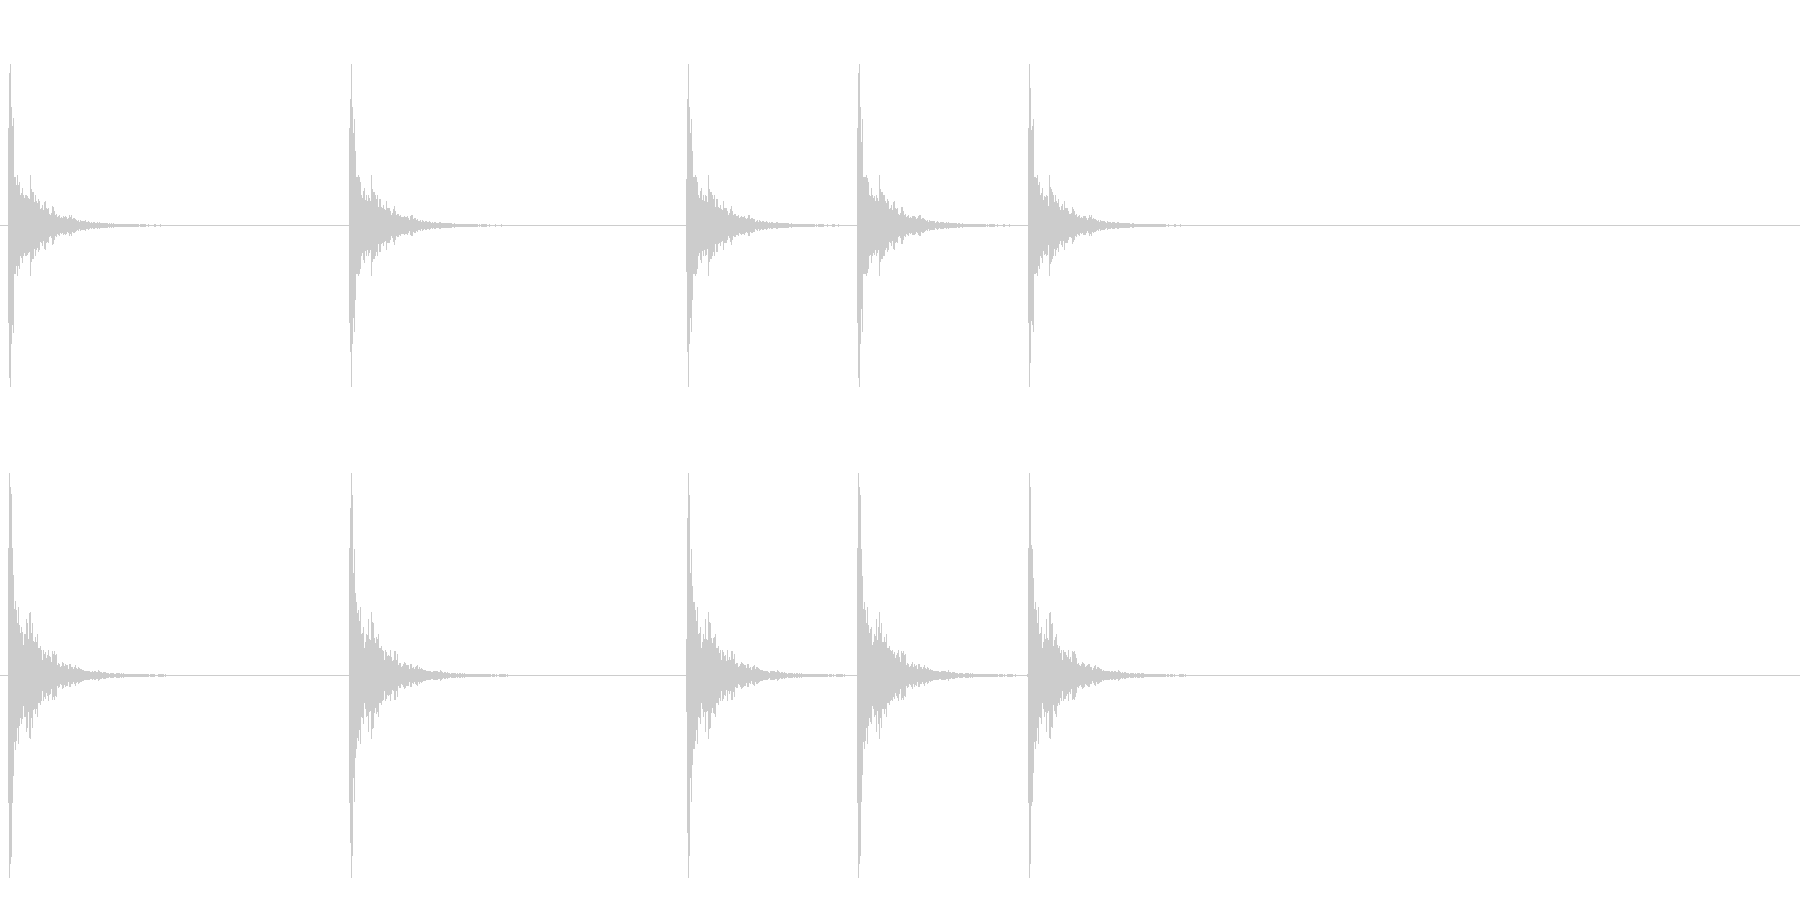 汎用32 ドラマーのカウント スティックの未再生の波形